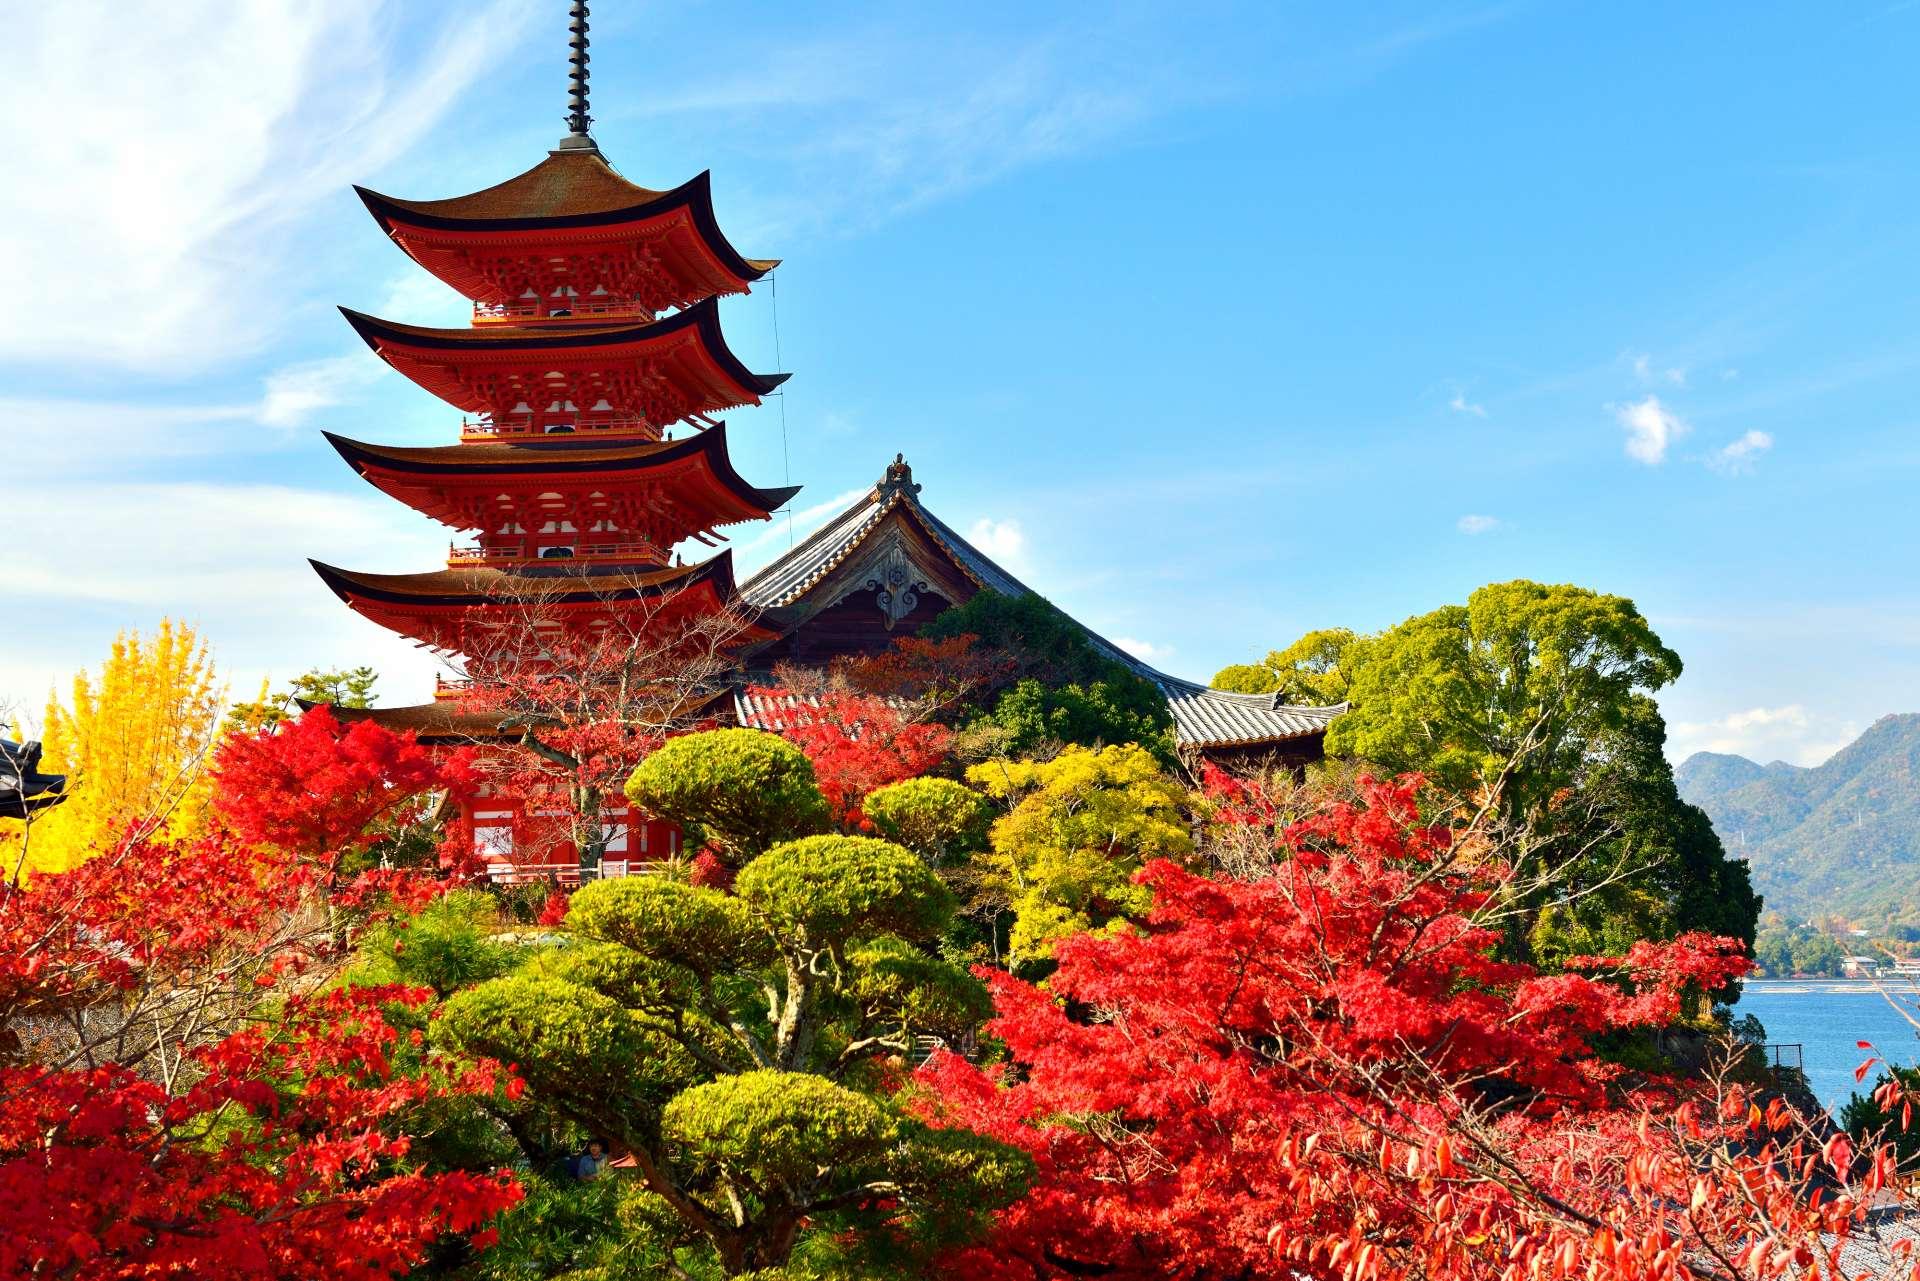 五重塔和紅葉,如畫一般的景緻